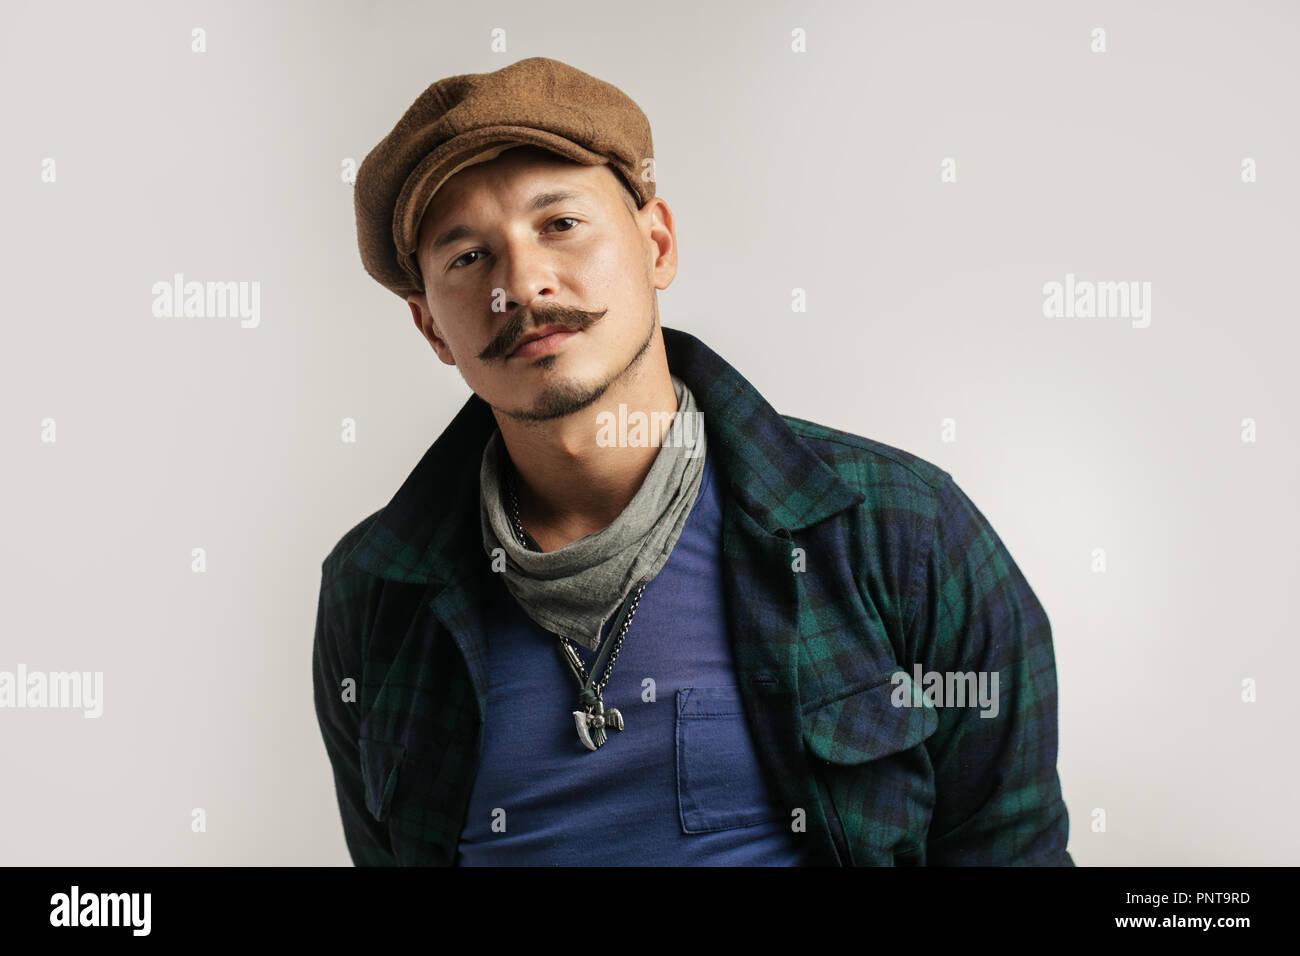 Hombre caucásico con bigote con duda de expresión, confundir y concepto de maravilla. Imagen De Stock